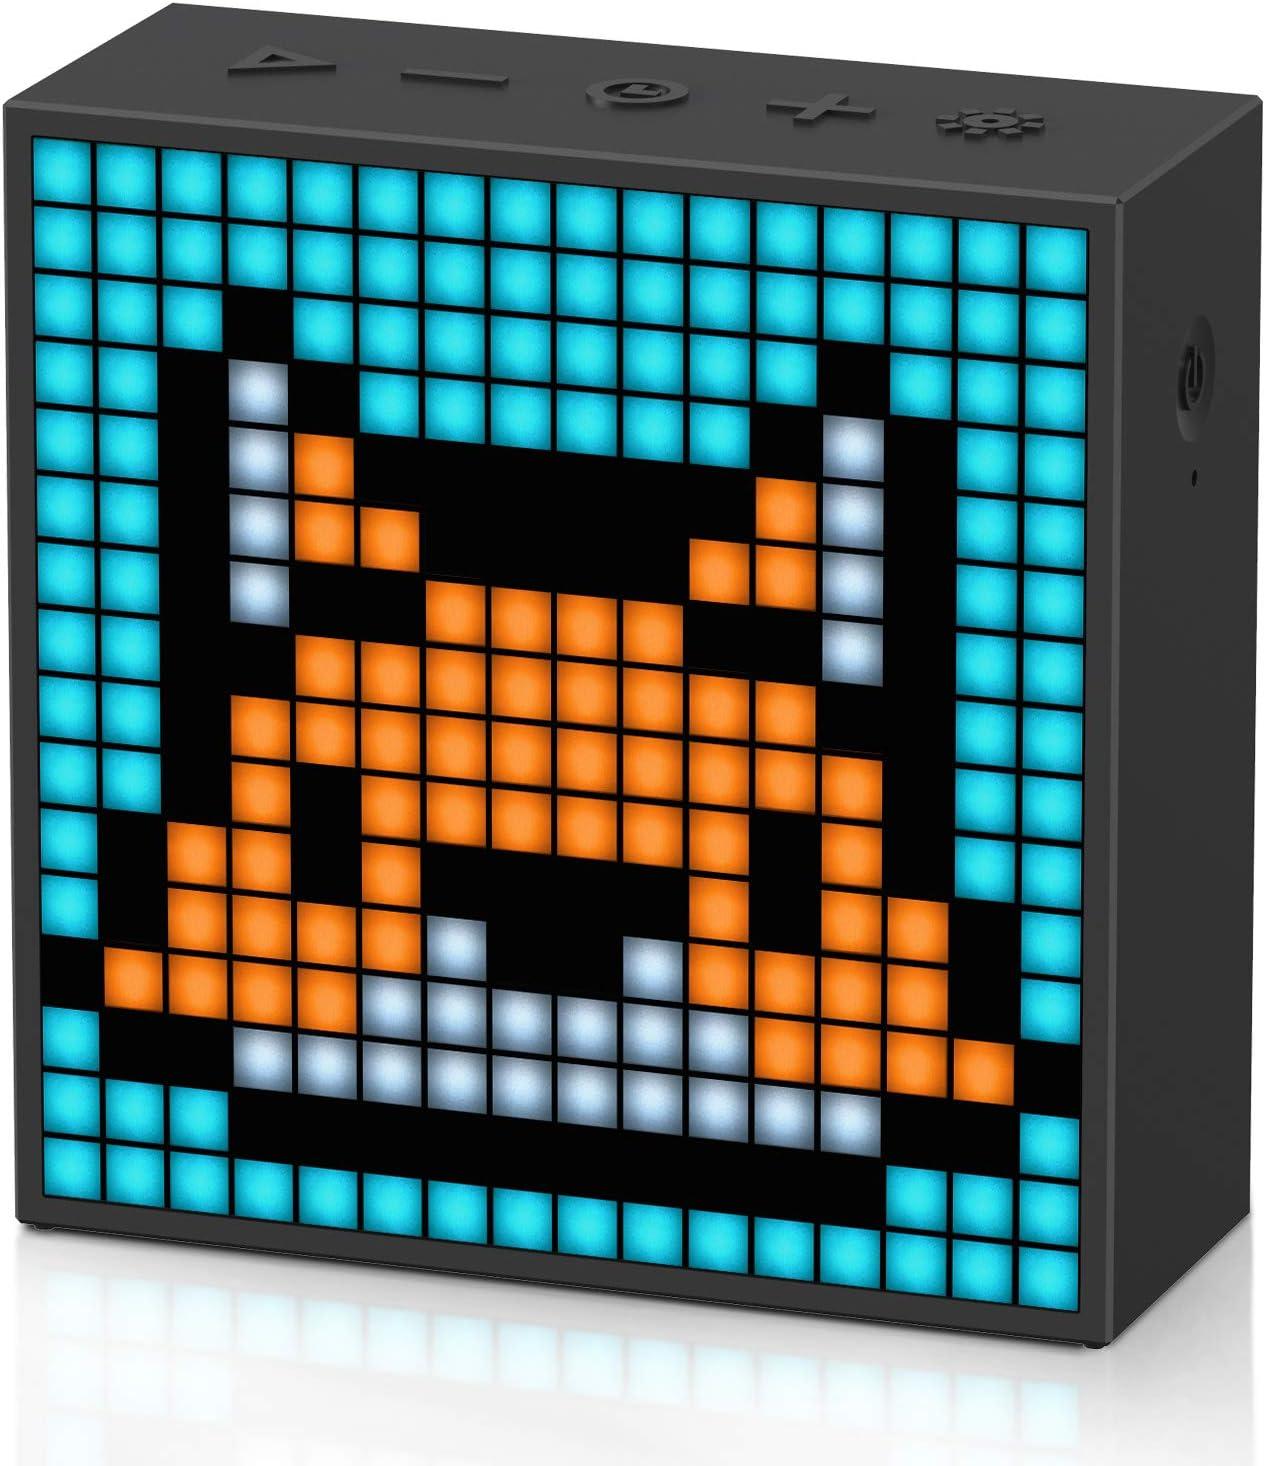 reloj inteligente pixel art timebox-evo